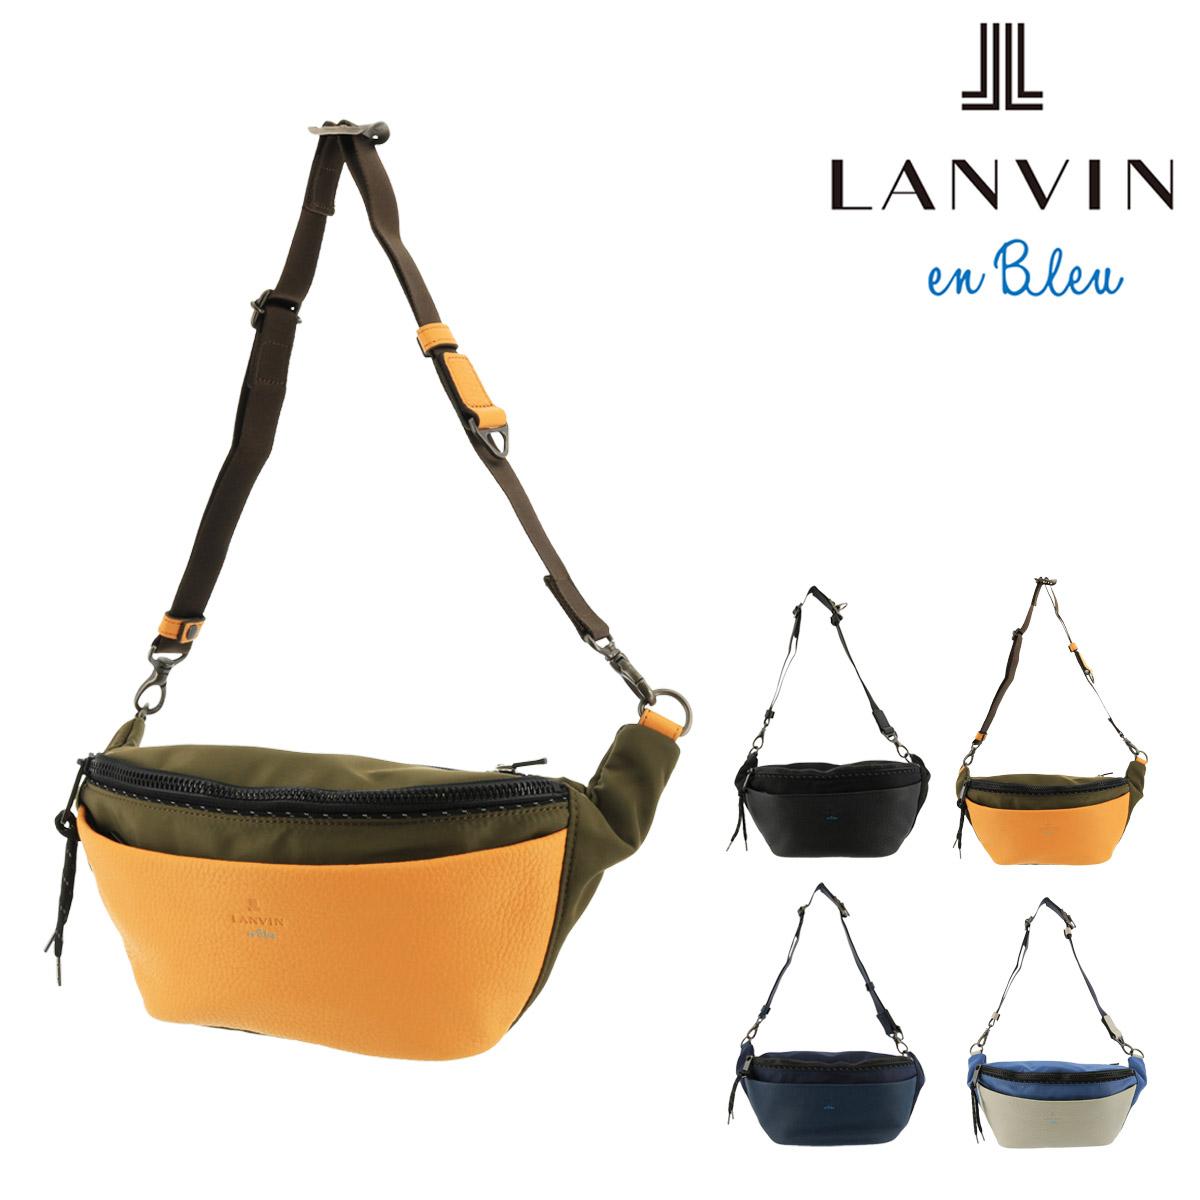 ランバンオンブルー ウエストポーチ リフレクト メンズ 546901 日本製 LANVIN en Bleu | ウエストバッグ 軽量 本革 レザー [bef]